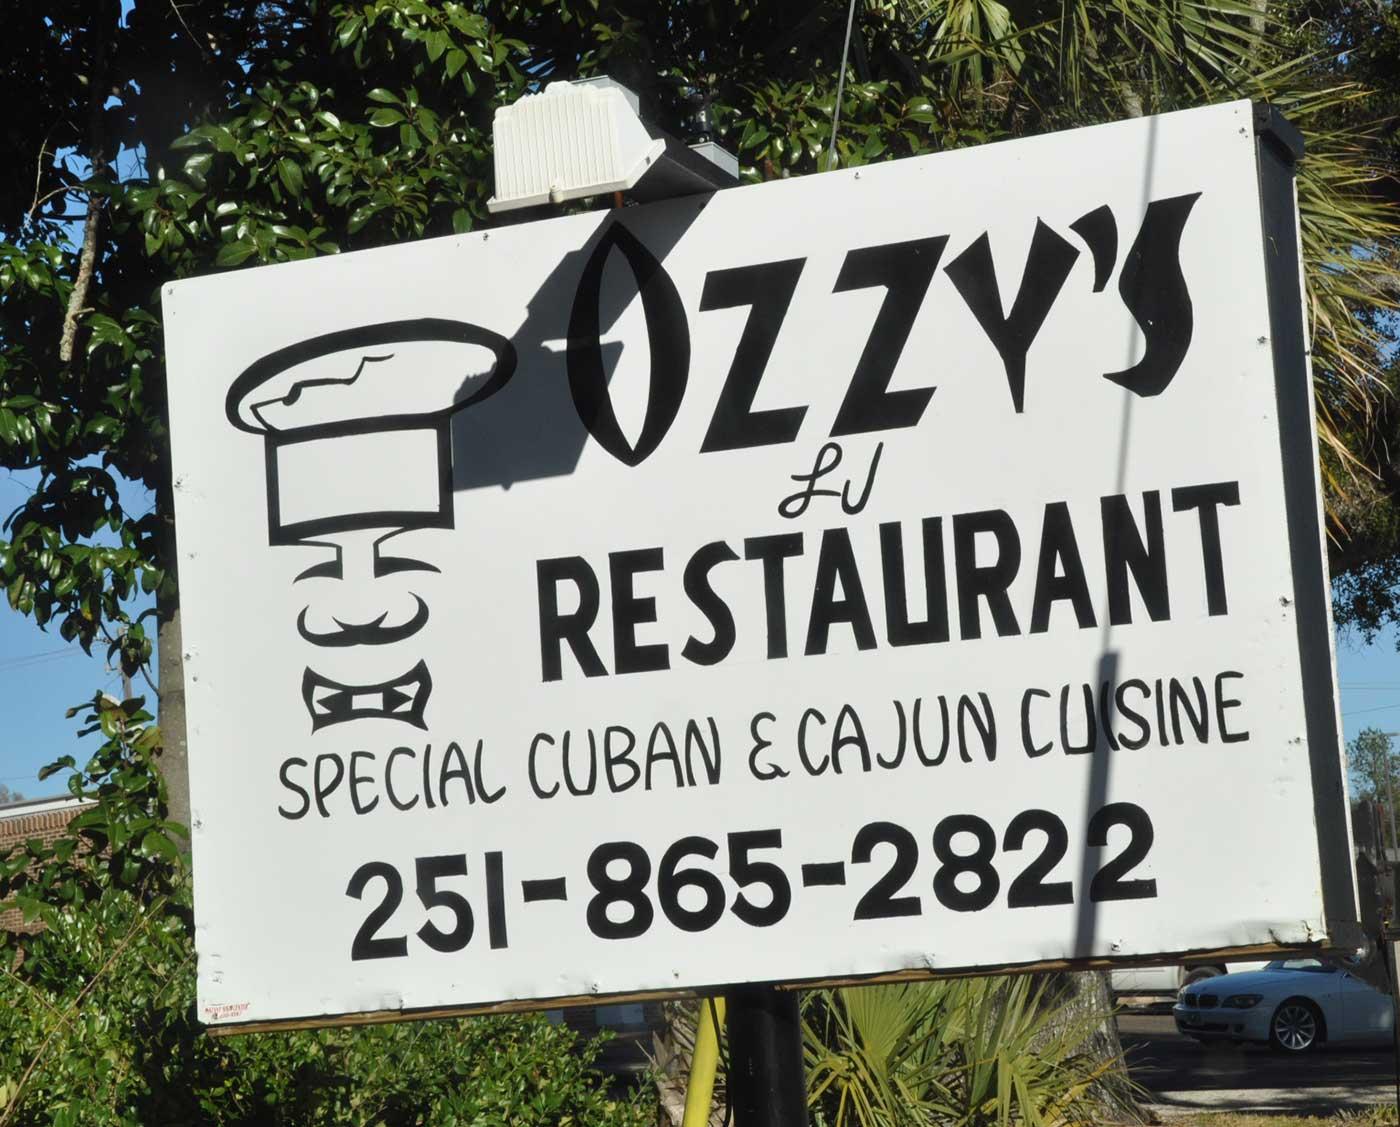 Ozzy's LJ Restaurant